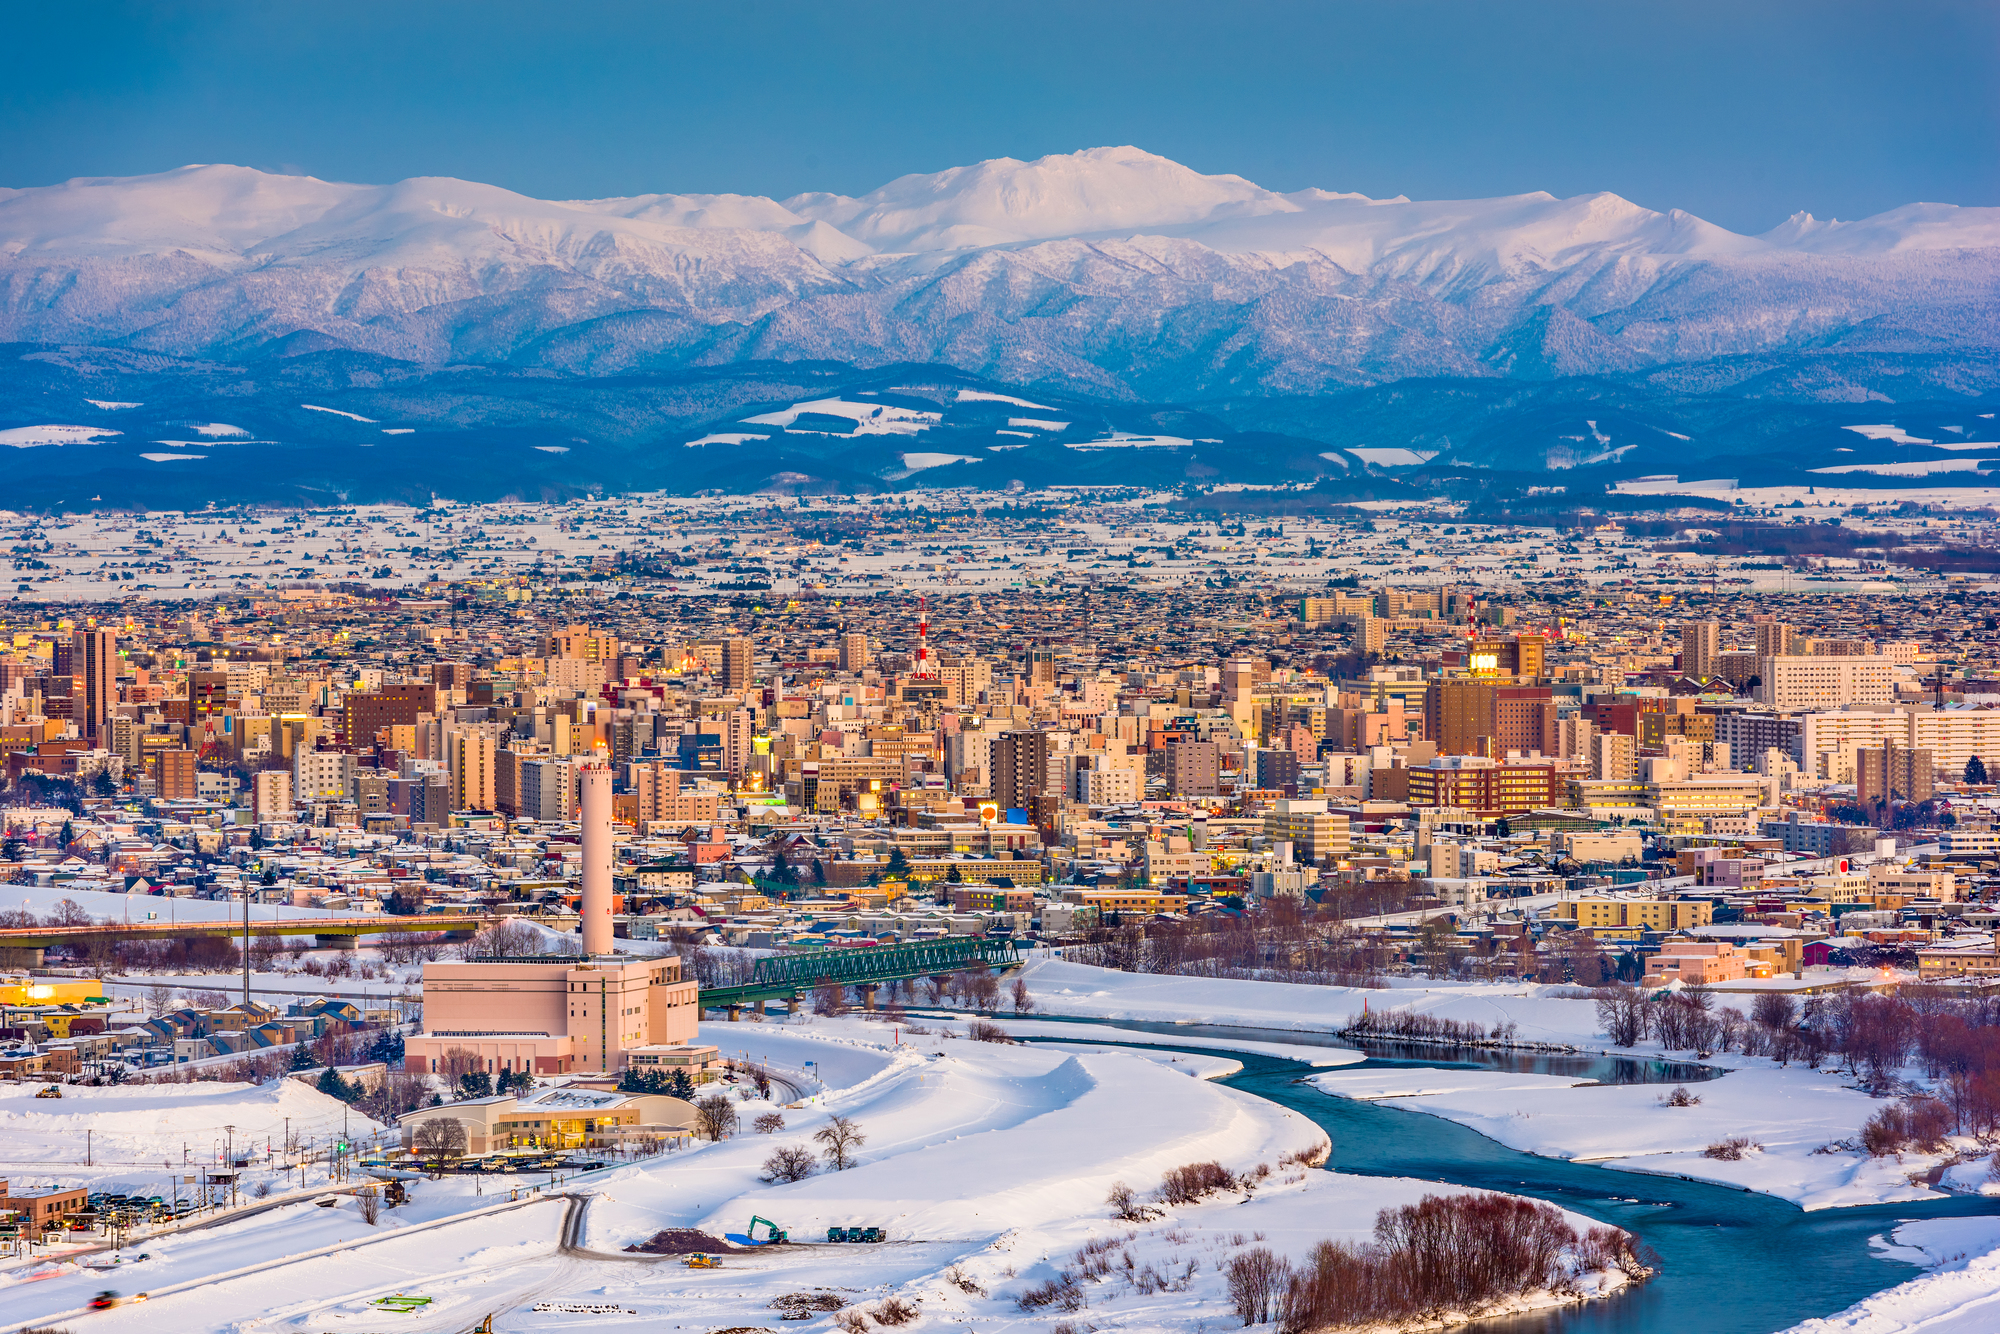 Asahikawa, Hokkaido, Japan Winter Skyline